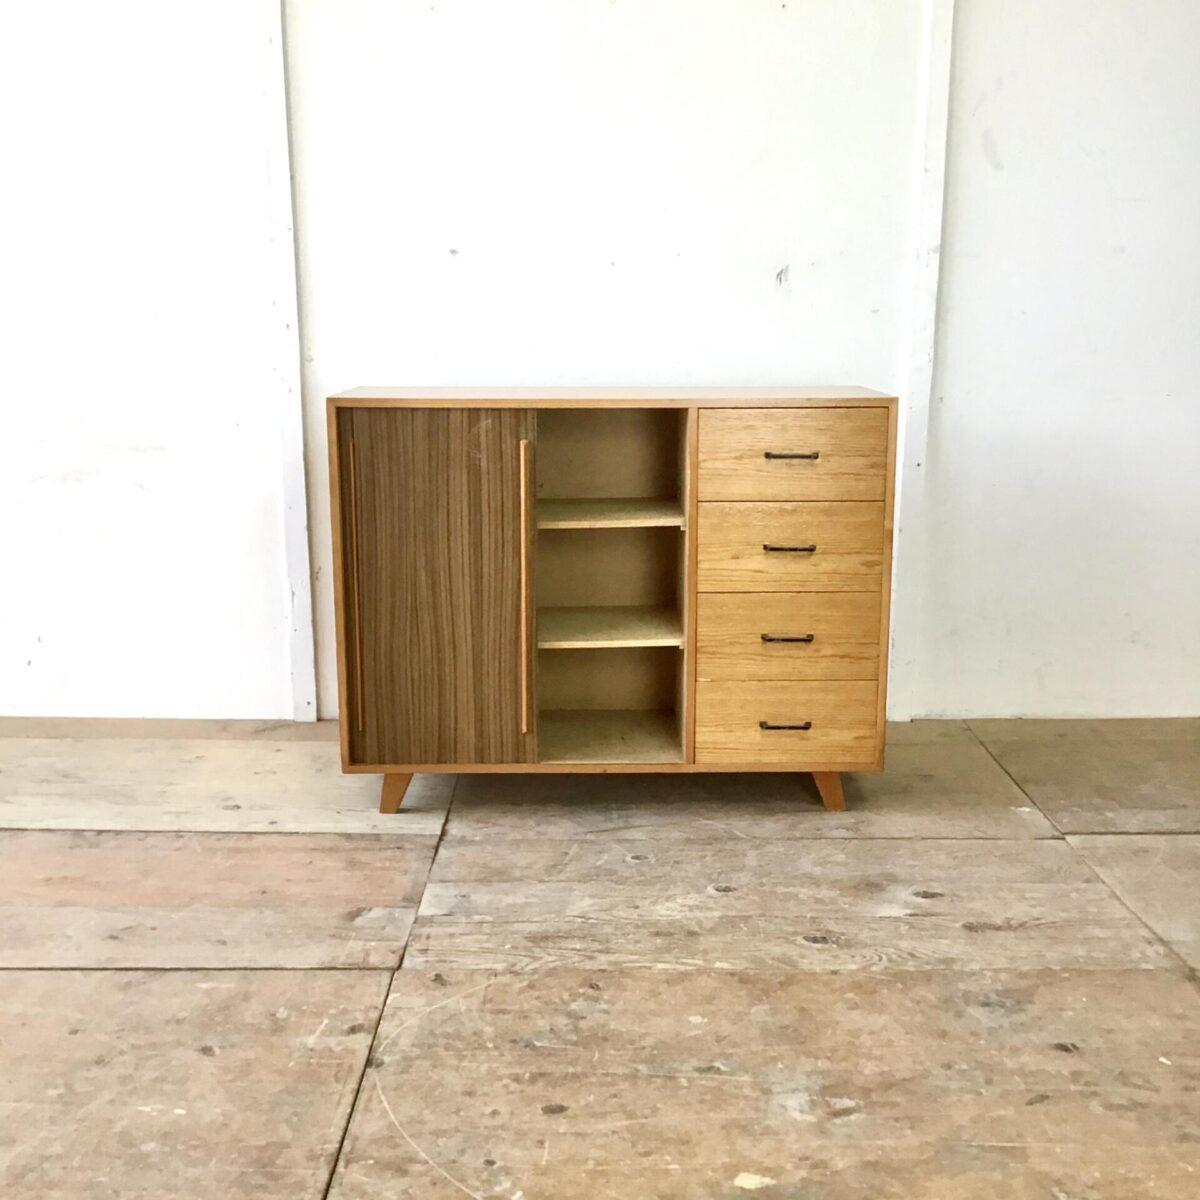 Schuhschrank 90cm mal 34cm Höhe 70cm. Kommode 60er 70er Jahre. Sideboard aus Tannenholz mit Schubladen und Schiebetüren.